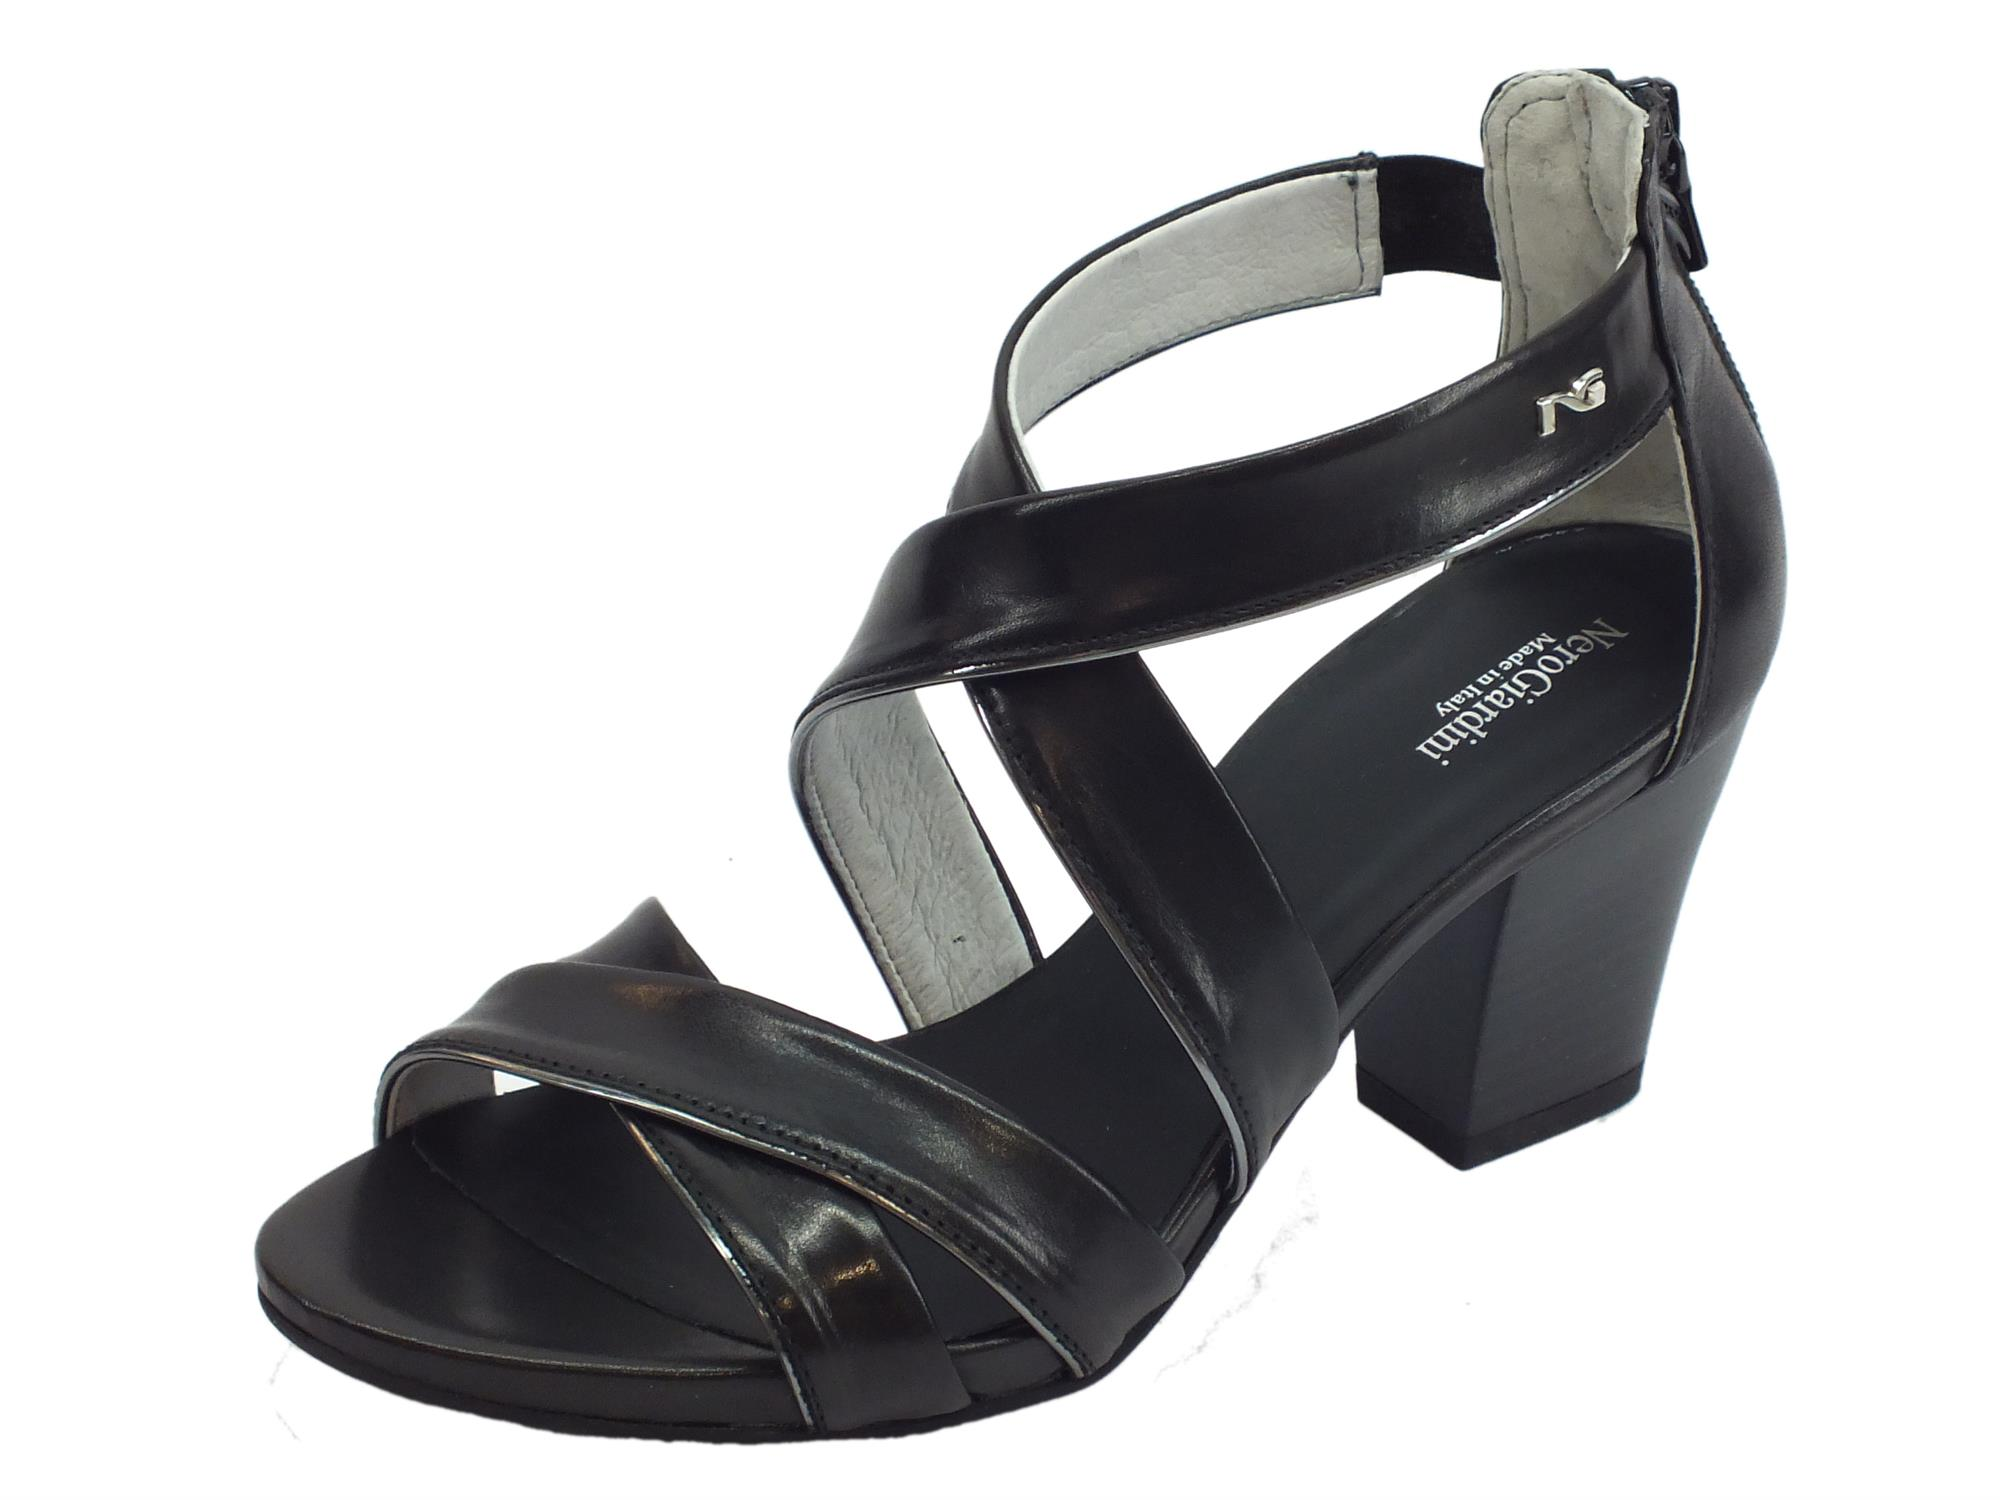 Sandali per donna NeroGiardini in pelle nera lampo posteriore